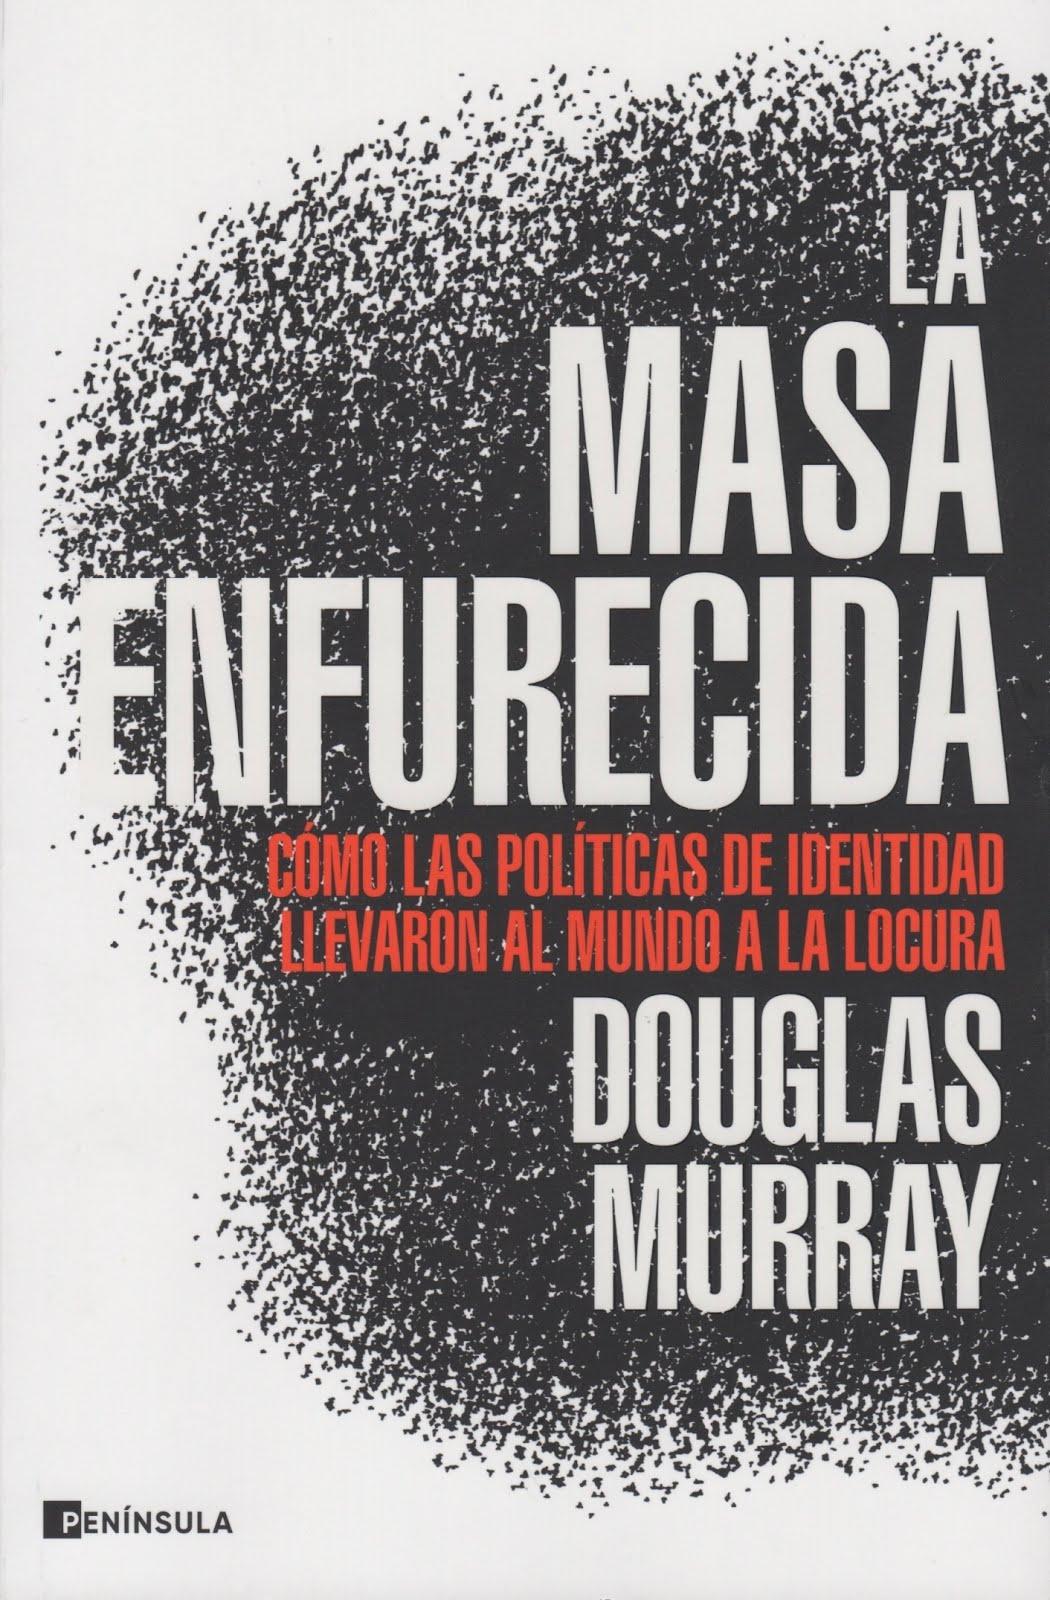 Douglas Murray (La masa enfurecida) Cómo las políticas de identidad llevaron al mundo a la locura